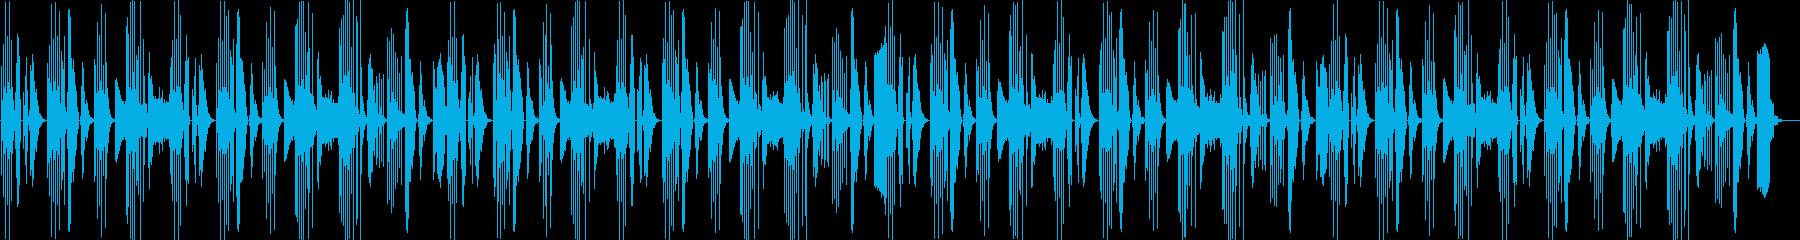 あんにゅいな曲ですの再生済みの波形